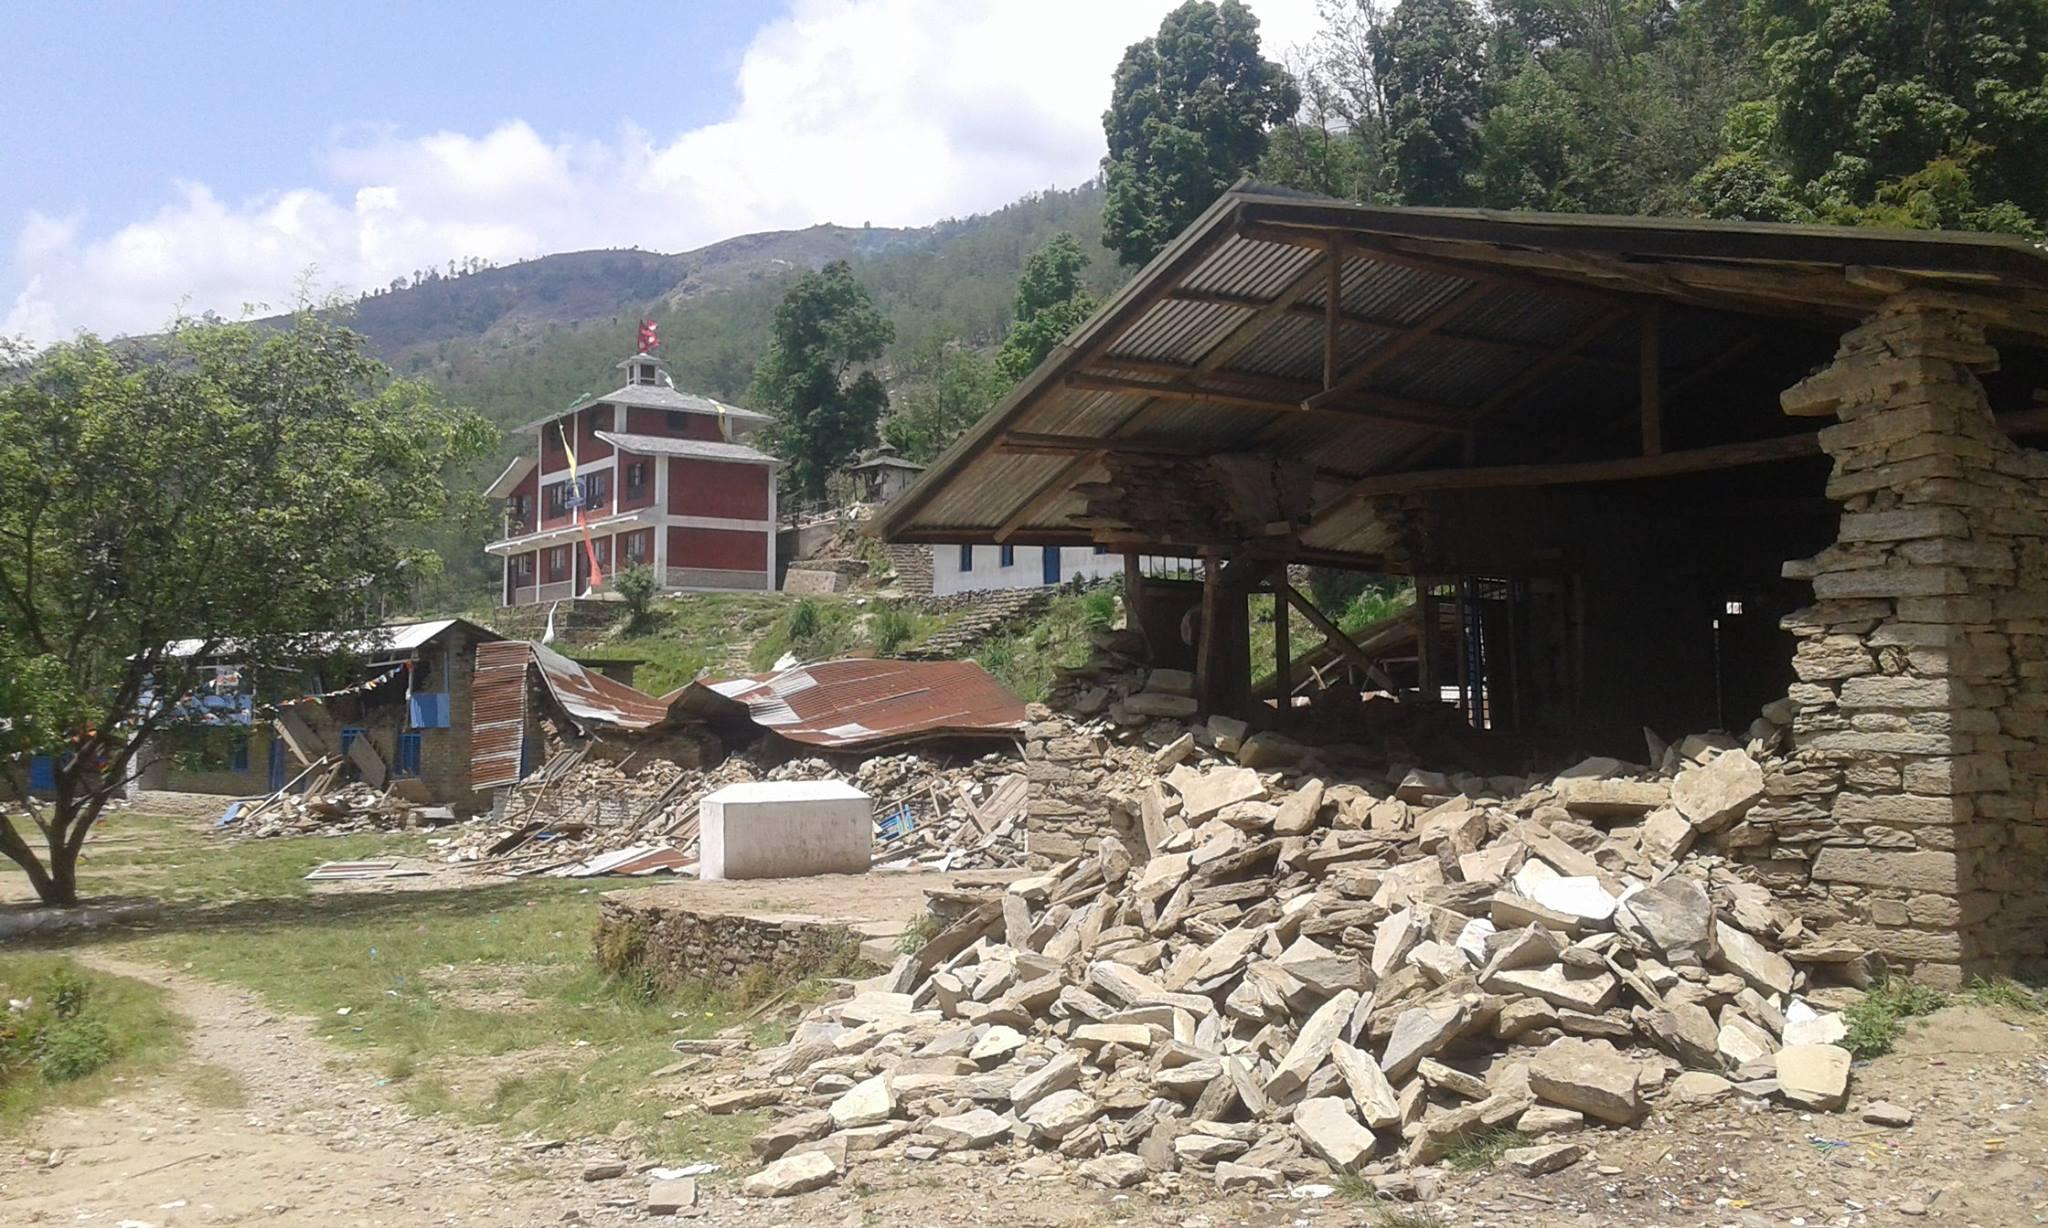 Prima foto dell'area dopo il sisma del 25 aprile scorso